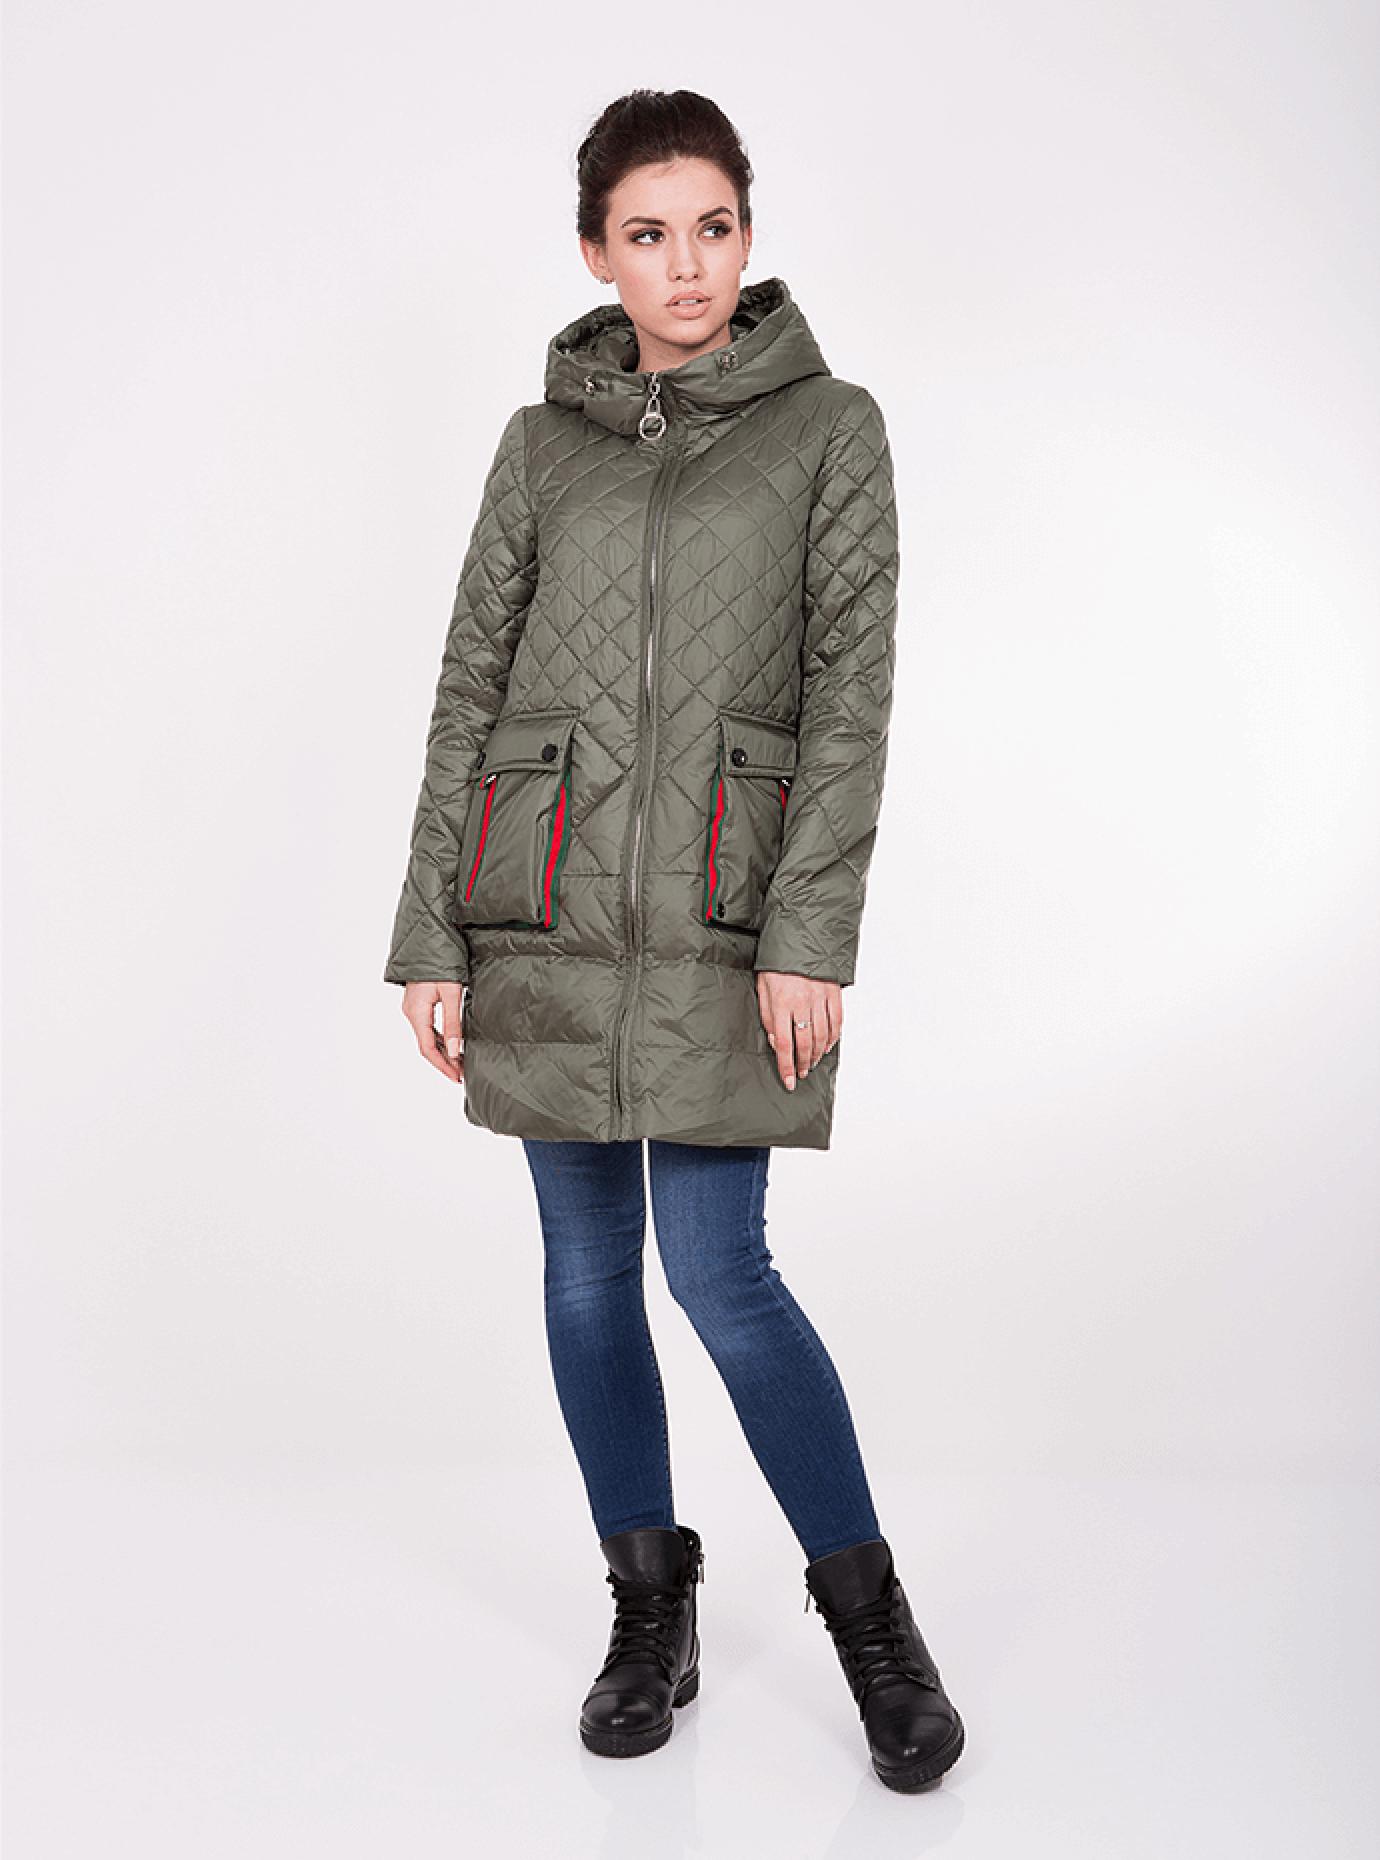 Куртка демисезонная с капюшоном Хаки S (05-ZL2283): фото - Alster.ua